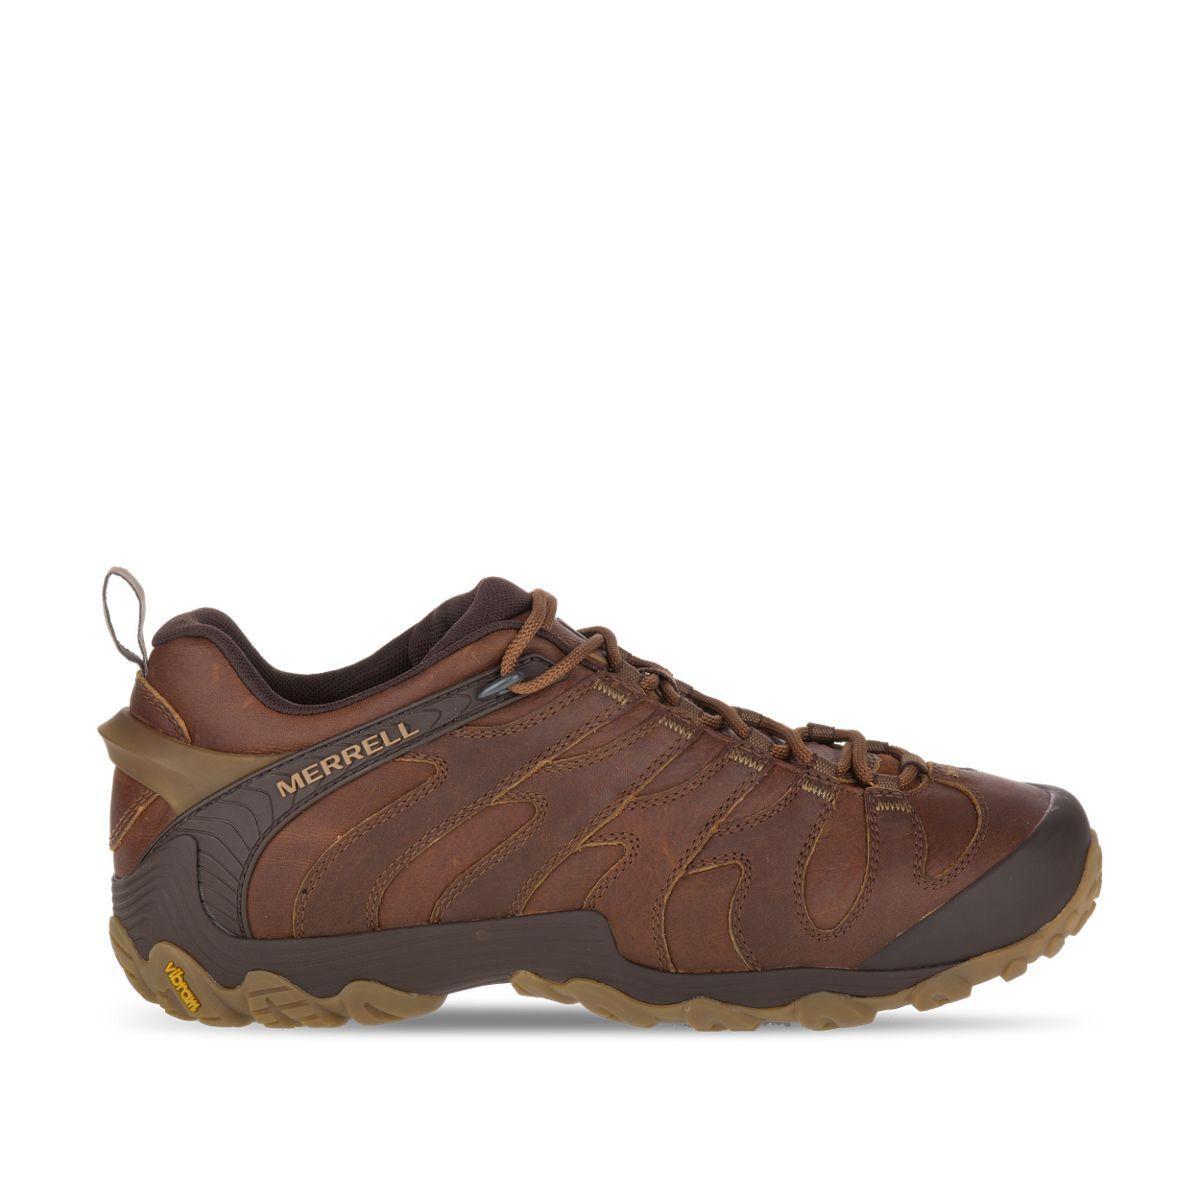 merrell chameleon 7 slam shoe factory